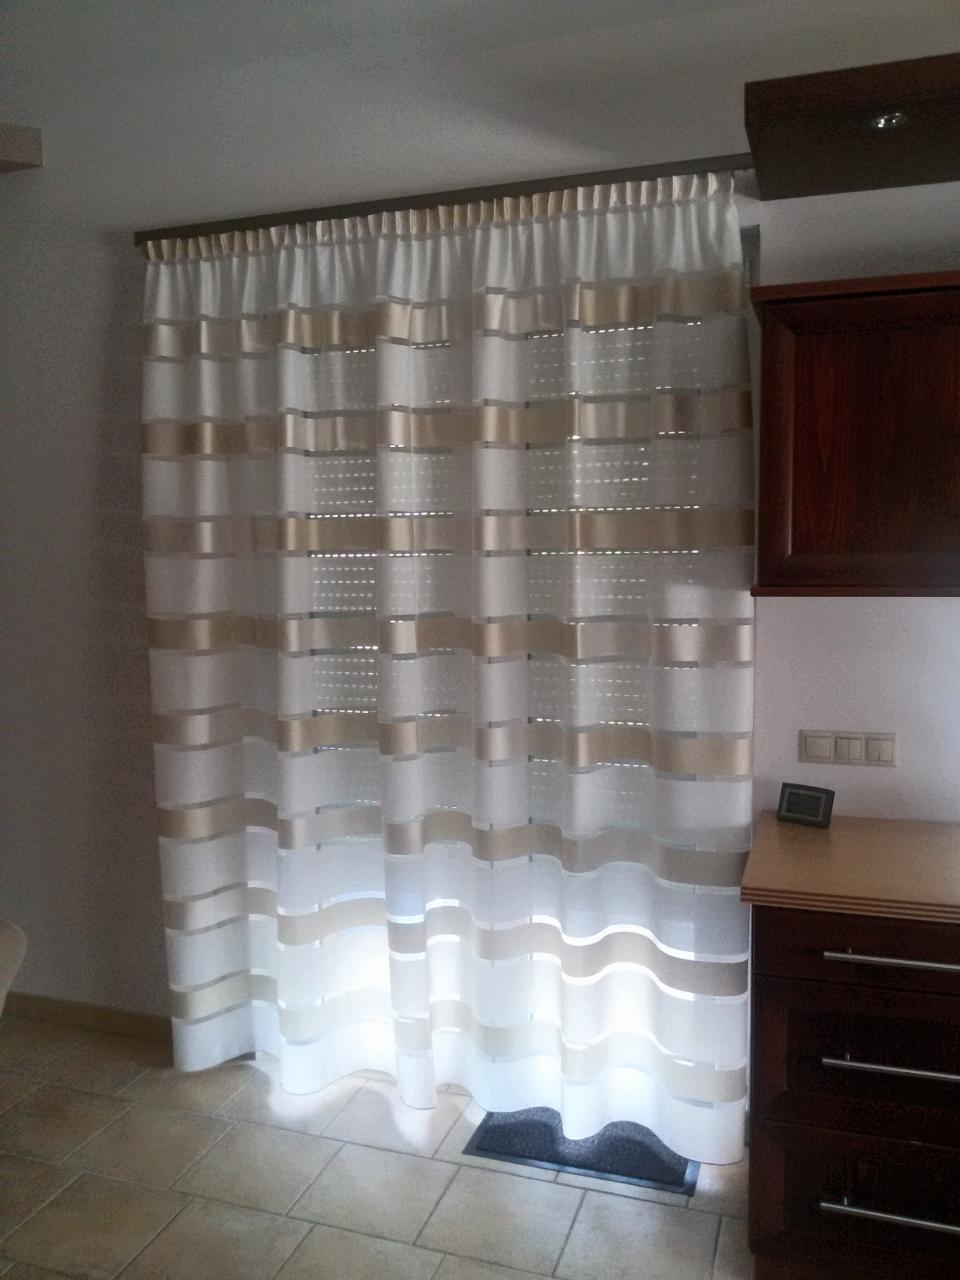 Csíkos modern fényáteresztő függöny, modern konyhai függöny